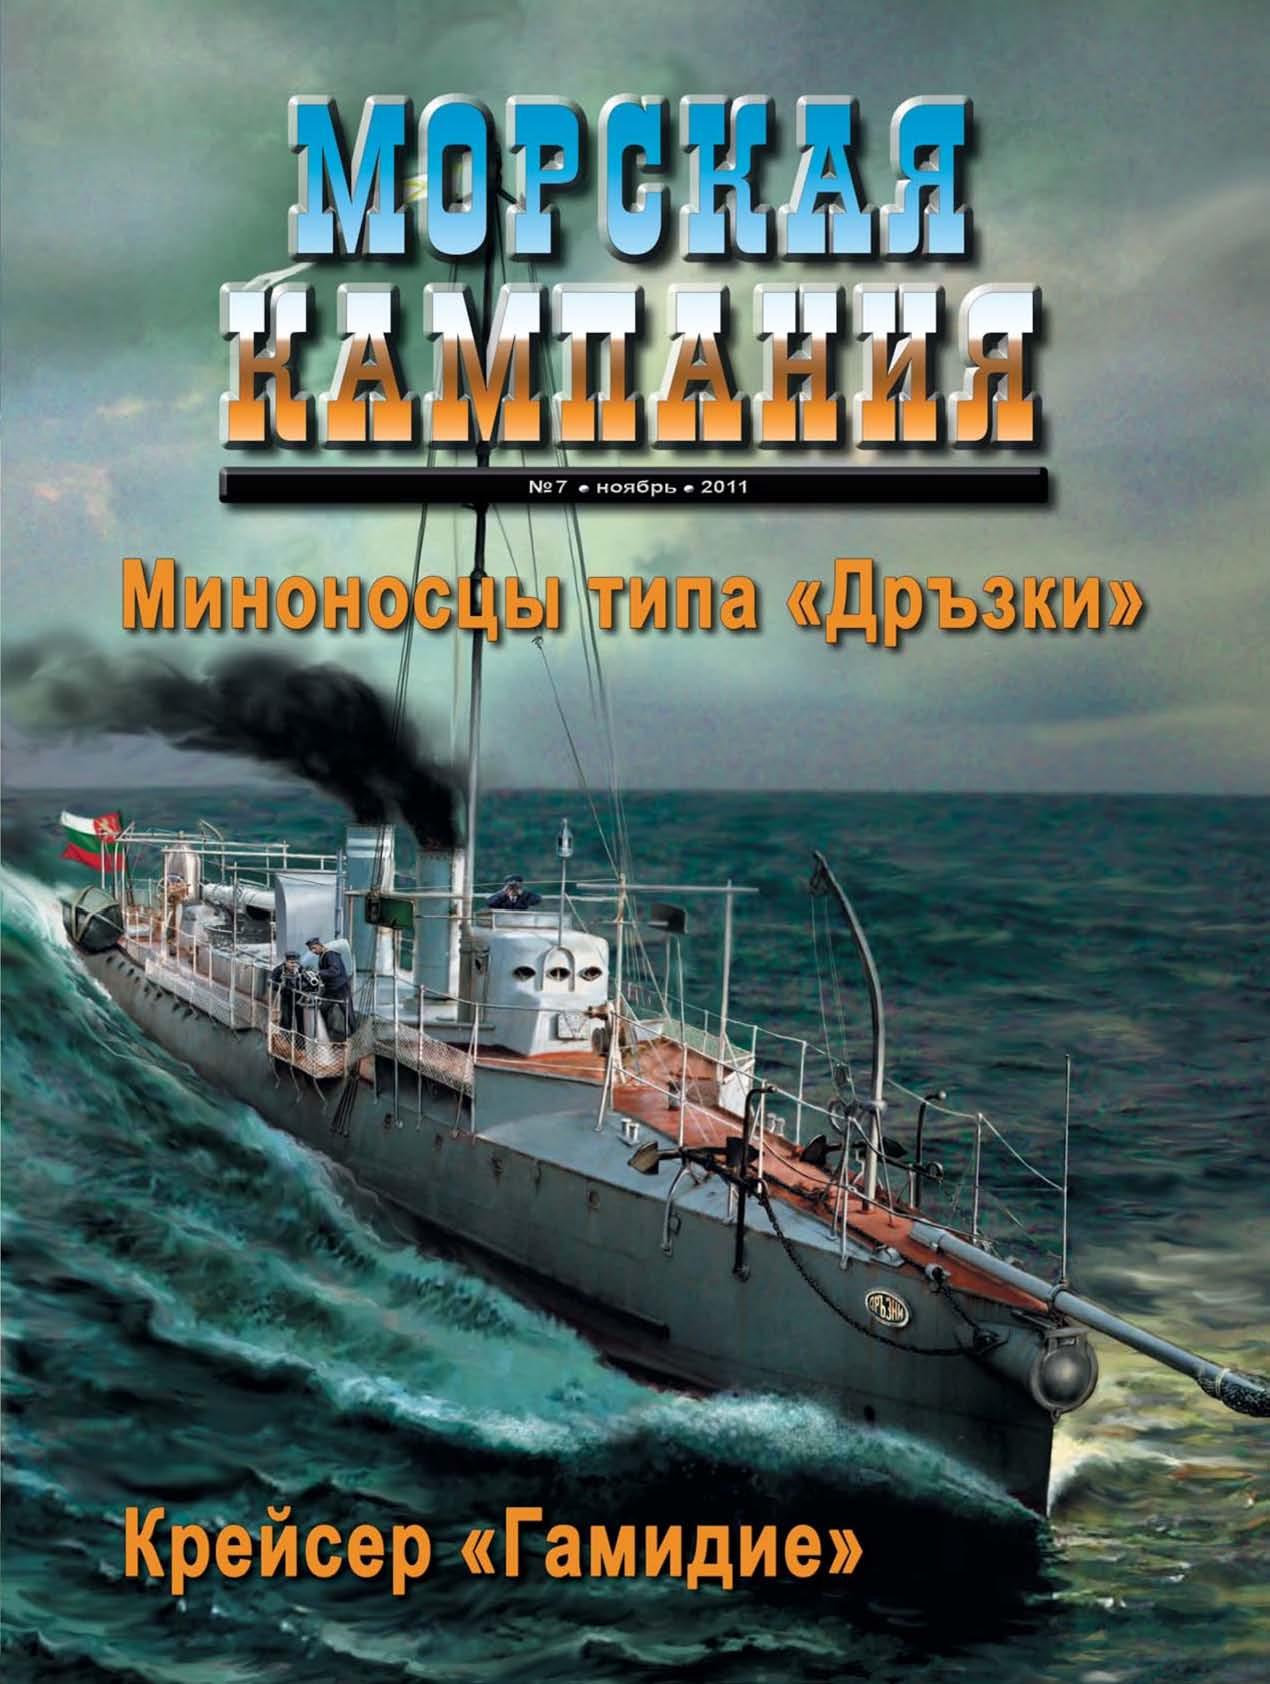 Морская кампания № 07/2011